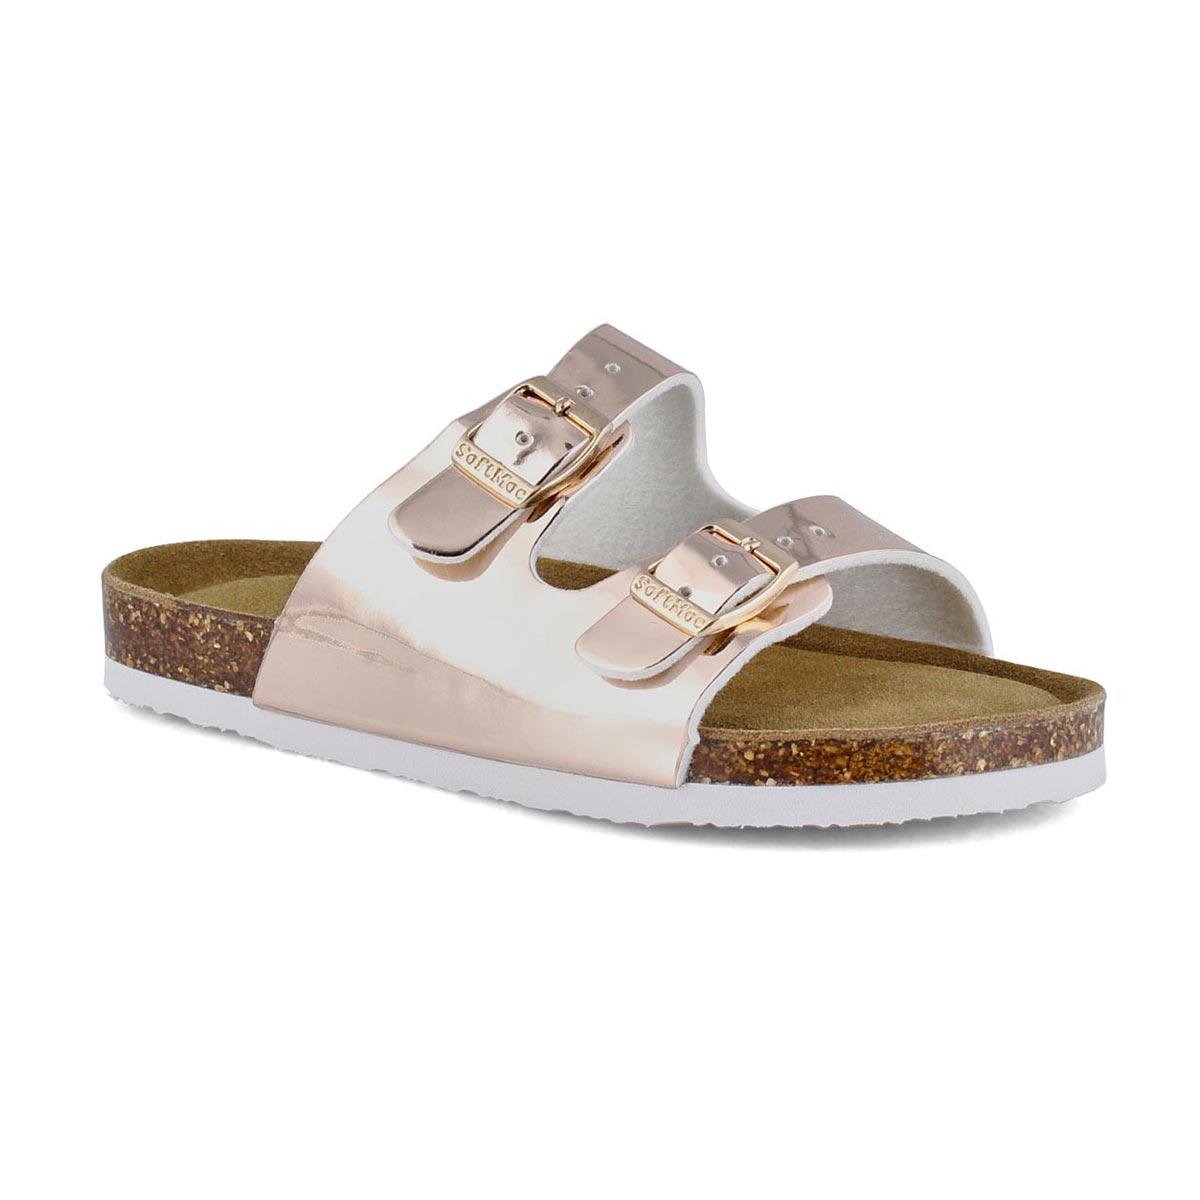 Sandales mousse mém. ALBERTA6, doré verni, filles